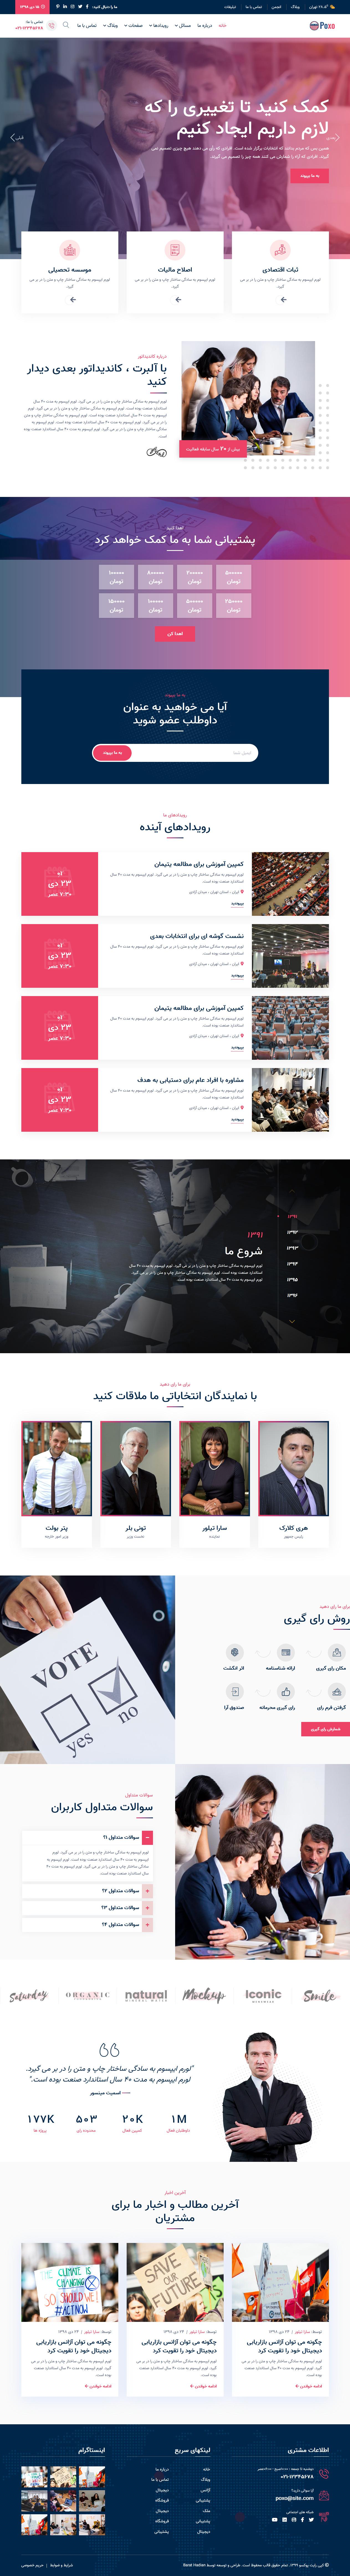 قالب HTML Poxo | قالب HTML سایت شرکتی و کمپین انتخابات